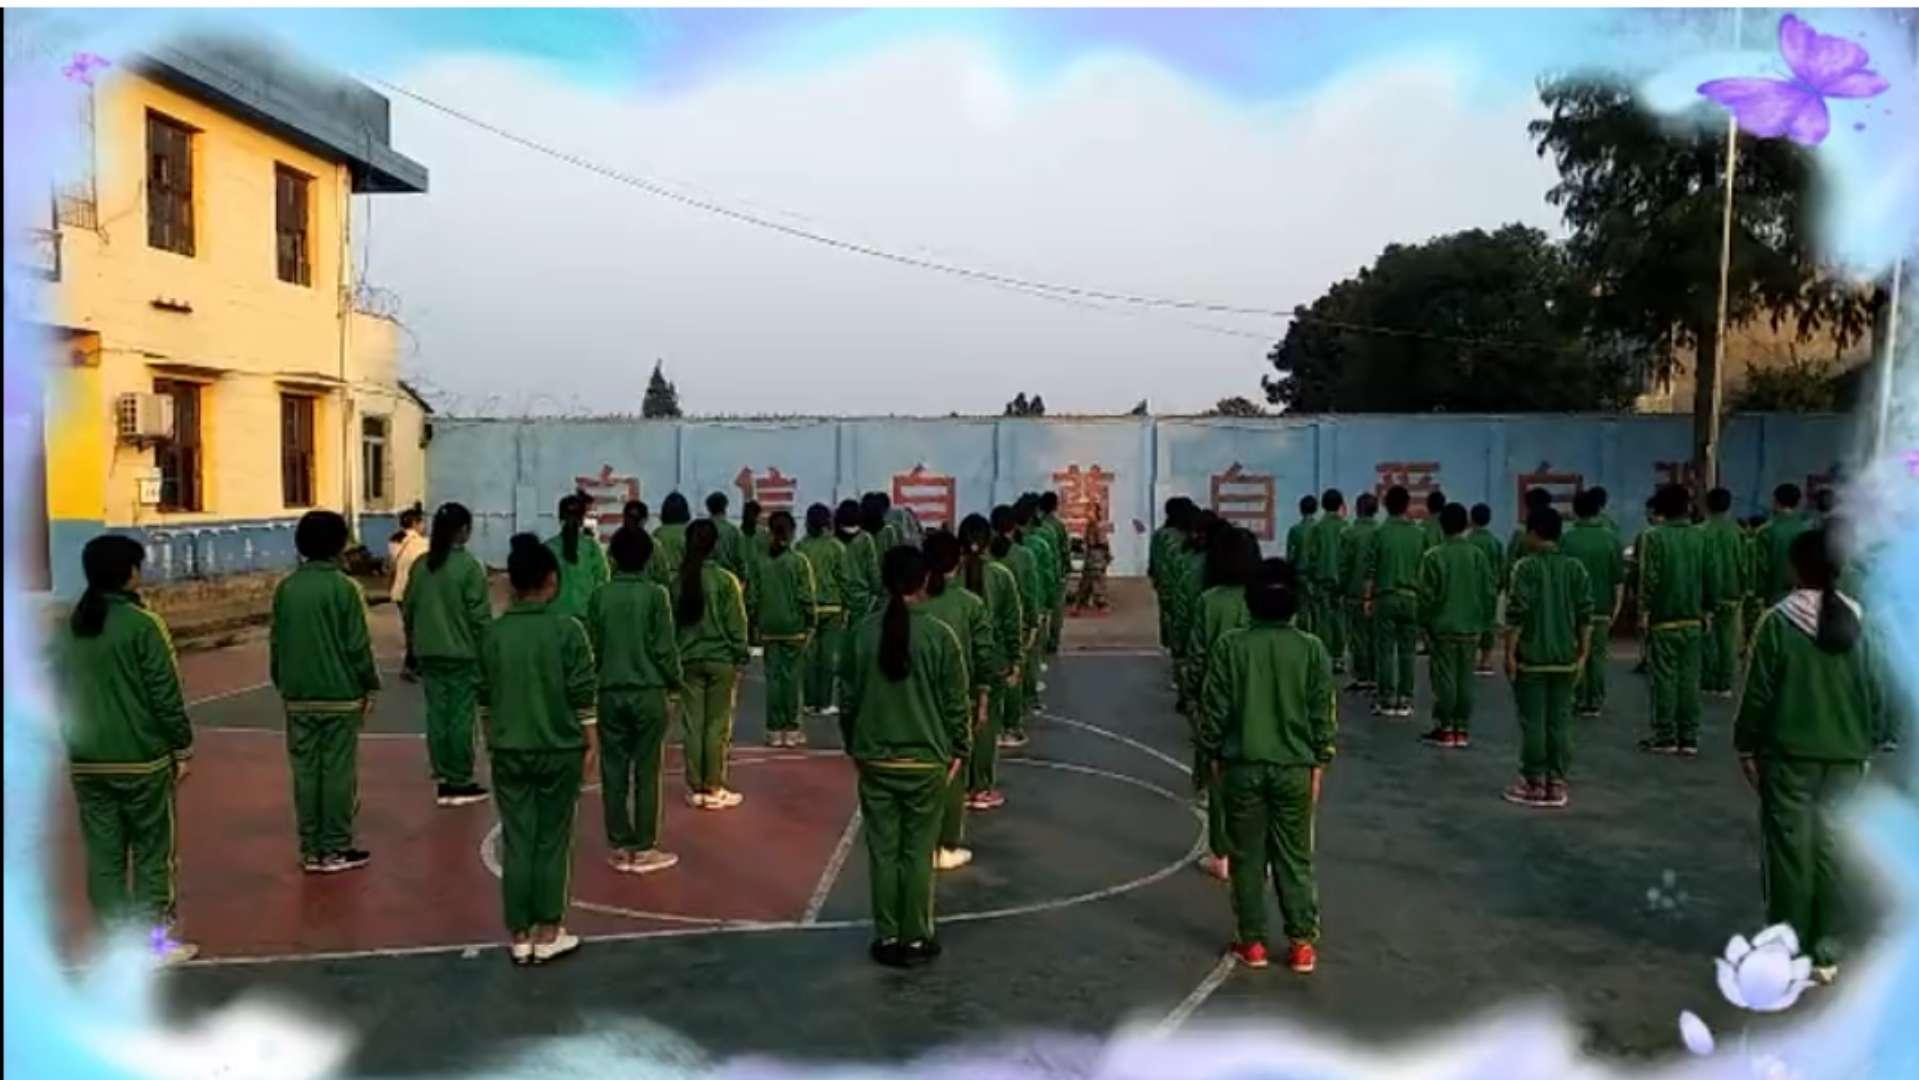 长沙素质教育学校自编舞蹈《国家》